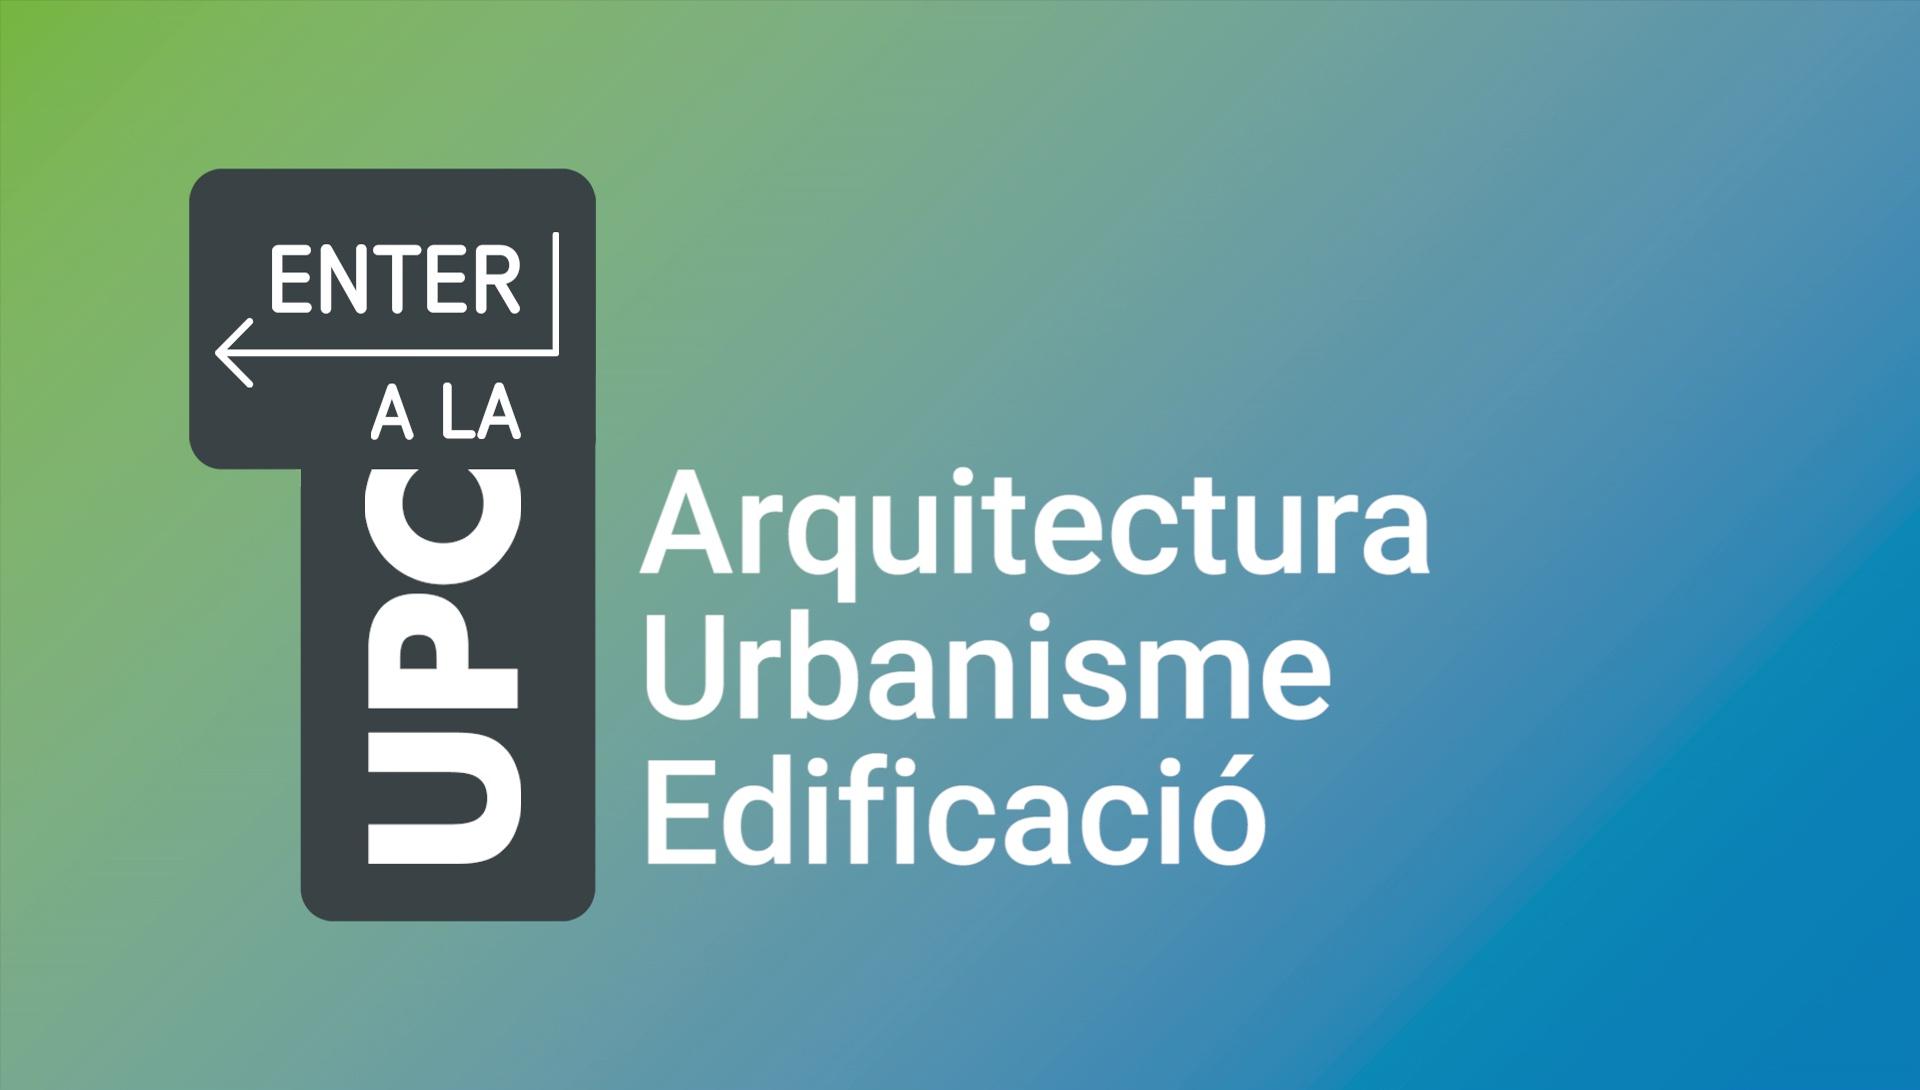 ENTER a la UPC: conversa d'orientació sobre l'Arquitectura, l'Urbanisme i l'Edificació